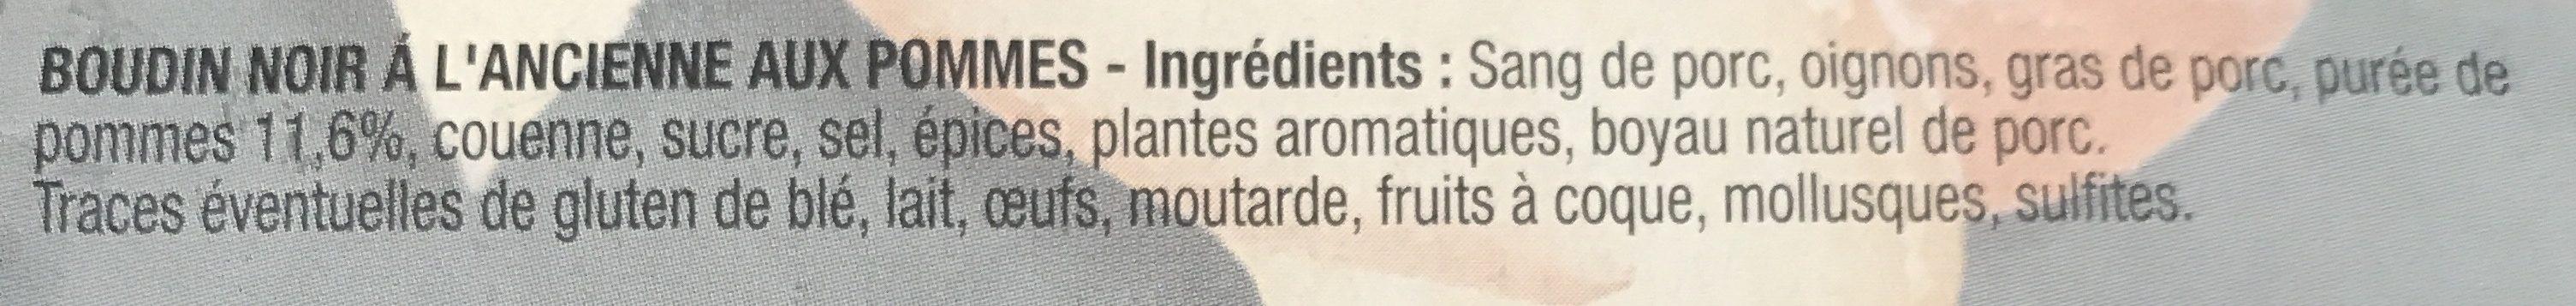 Bahier 3 Boudins Noirs Pommes 375G - Ingrédients - fr